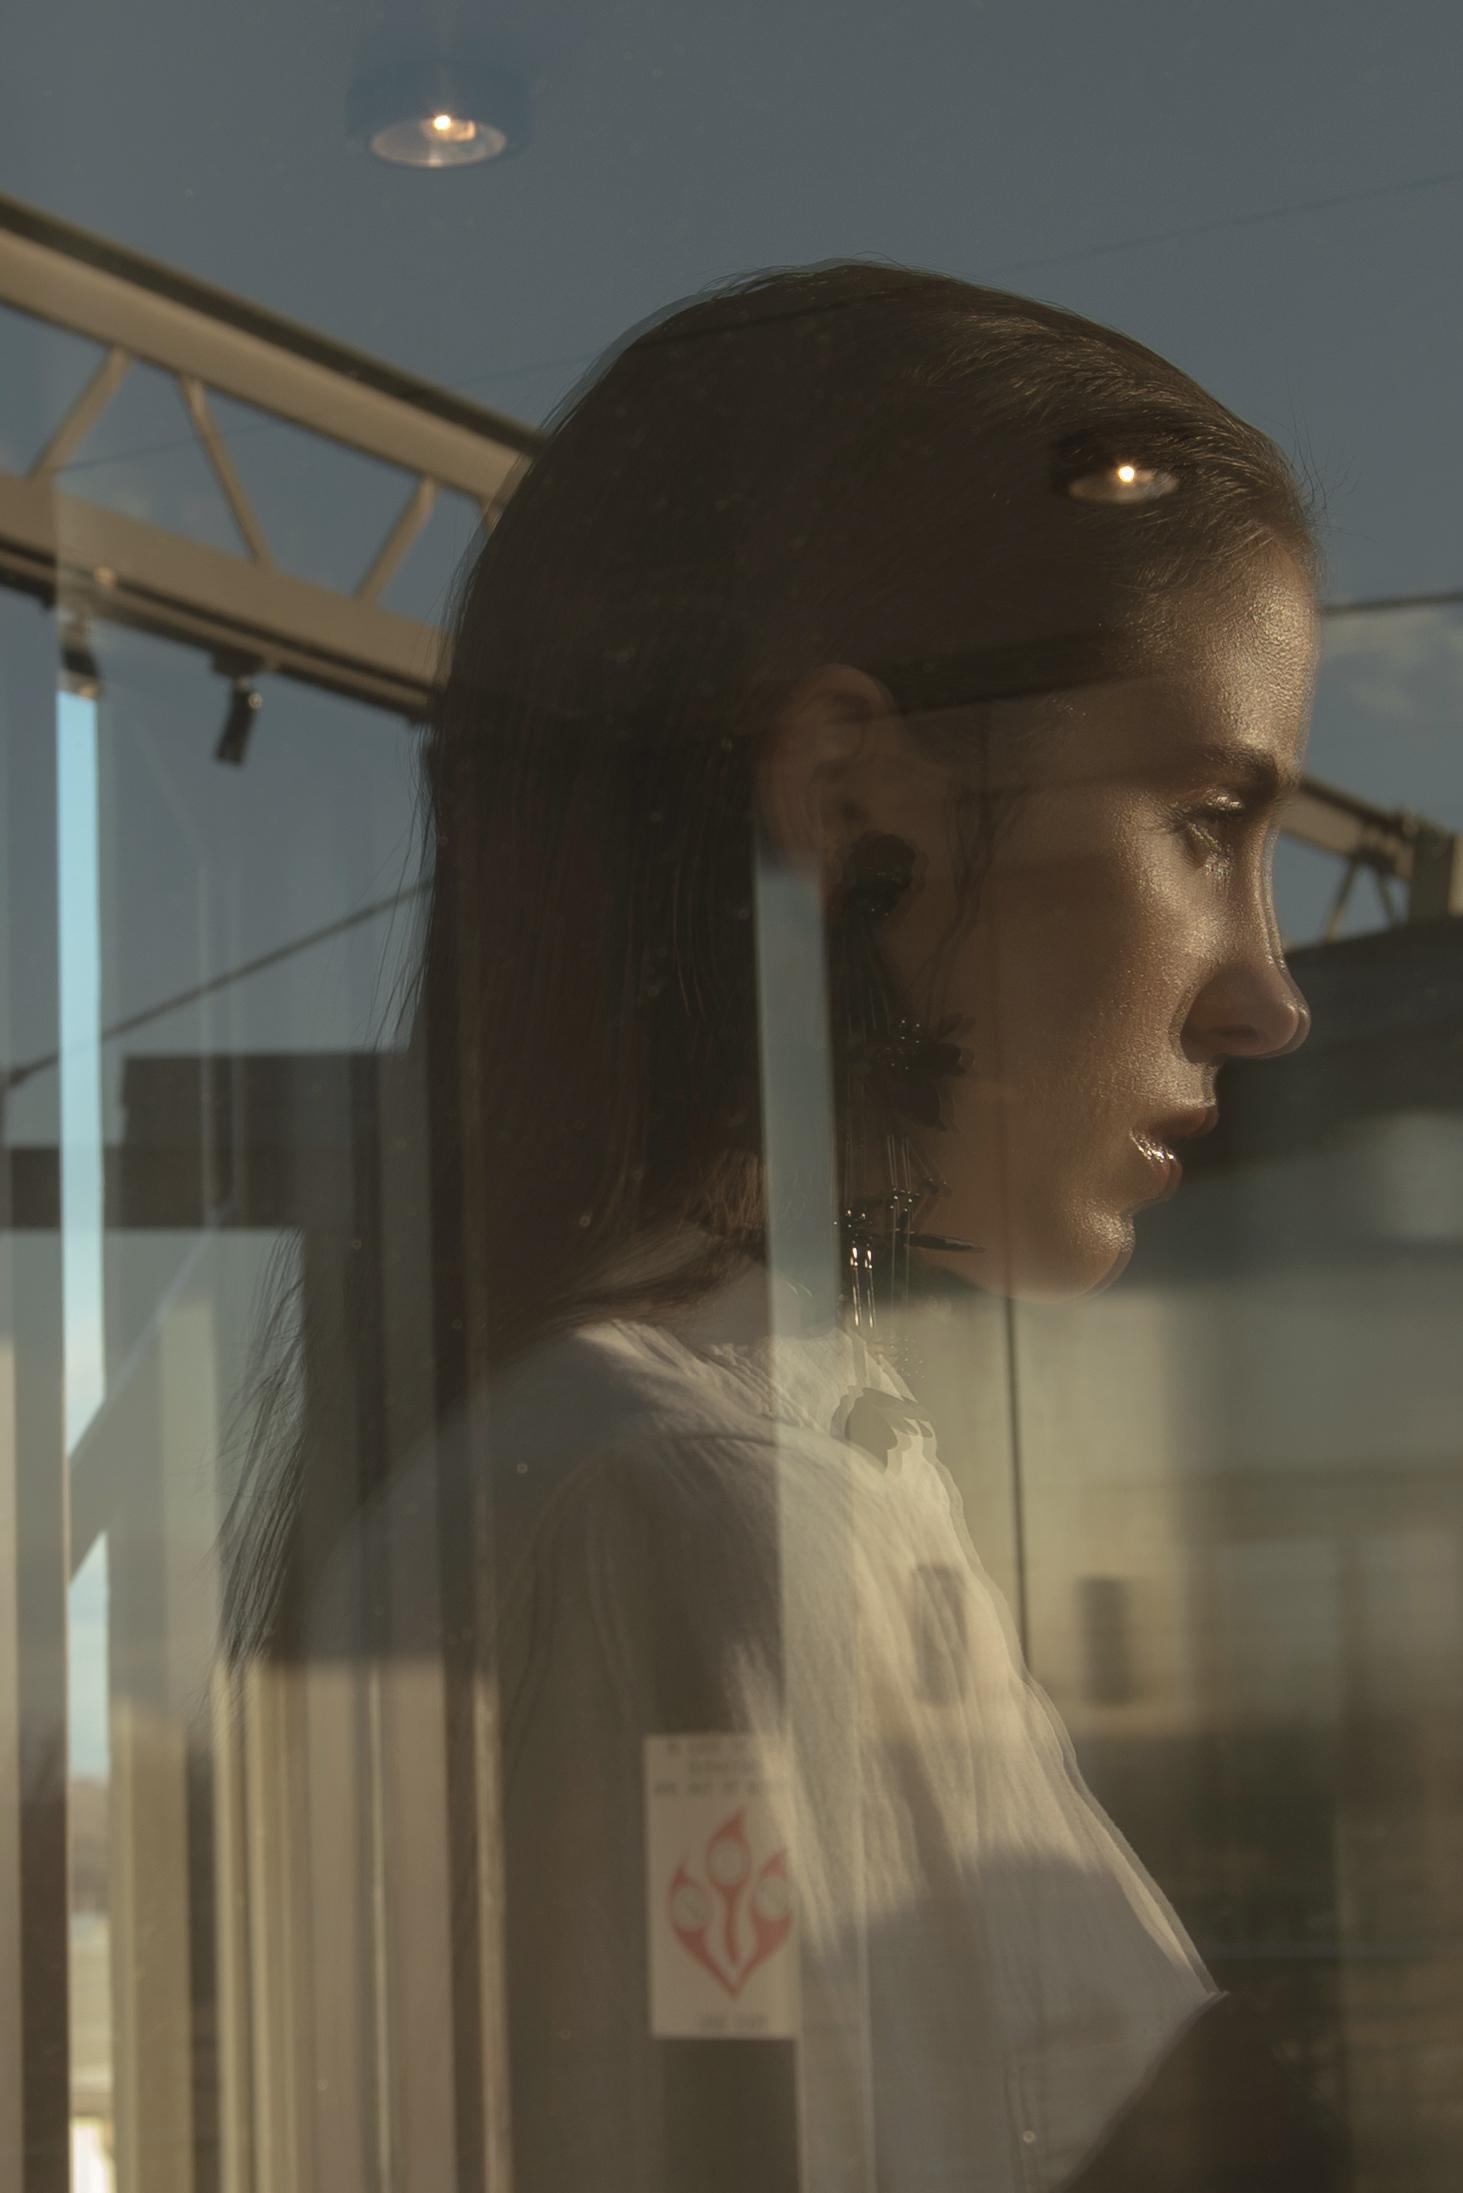 Blair-Rachel-Look7 (3 of 3)cropfinal.jpg